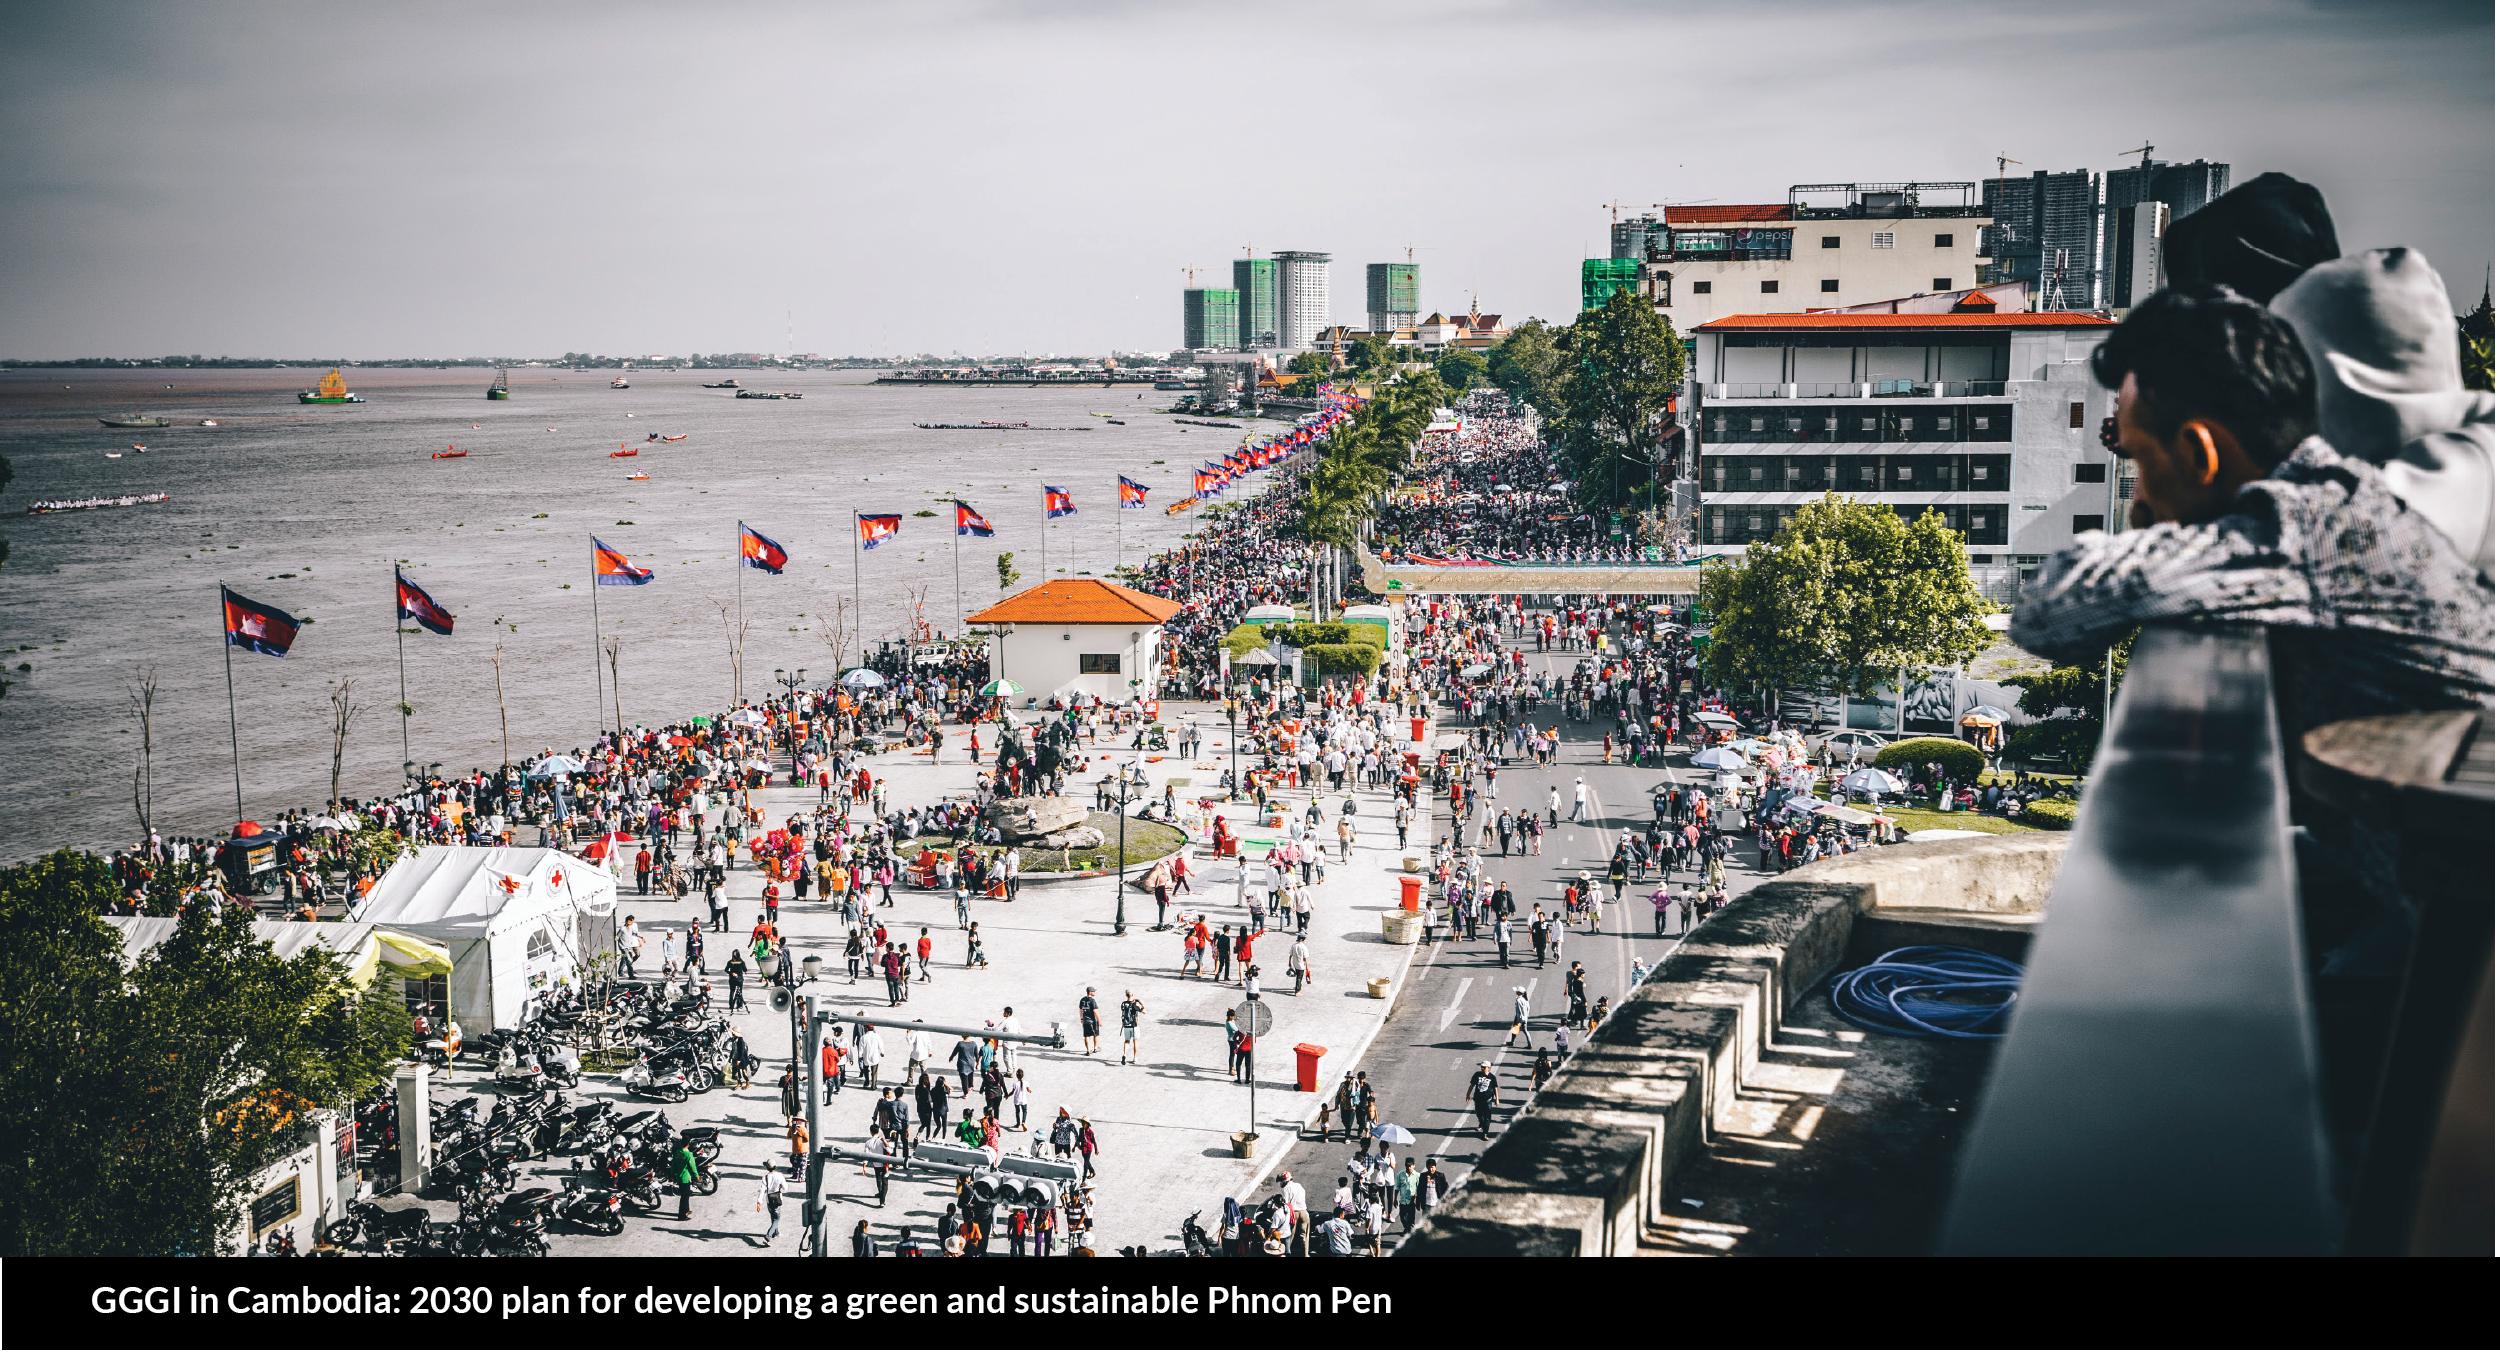 SS_Cambodia_foto1-01